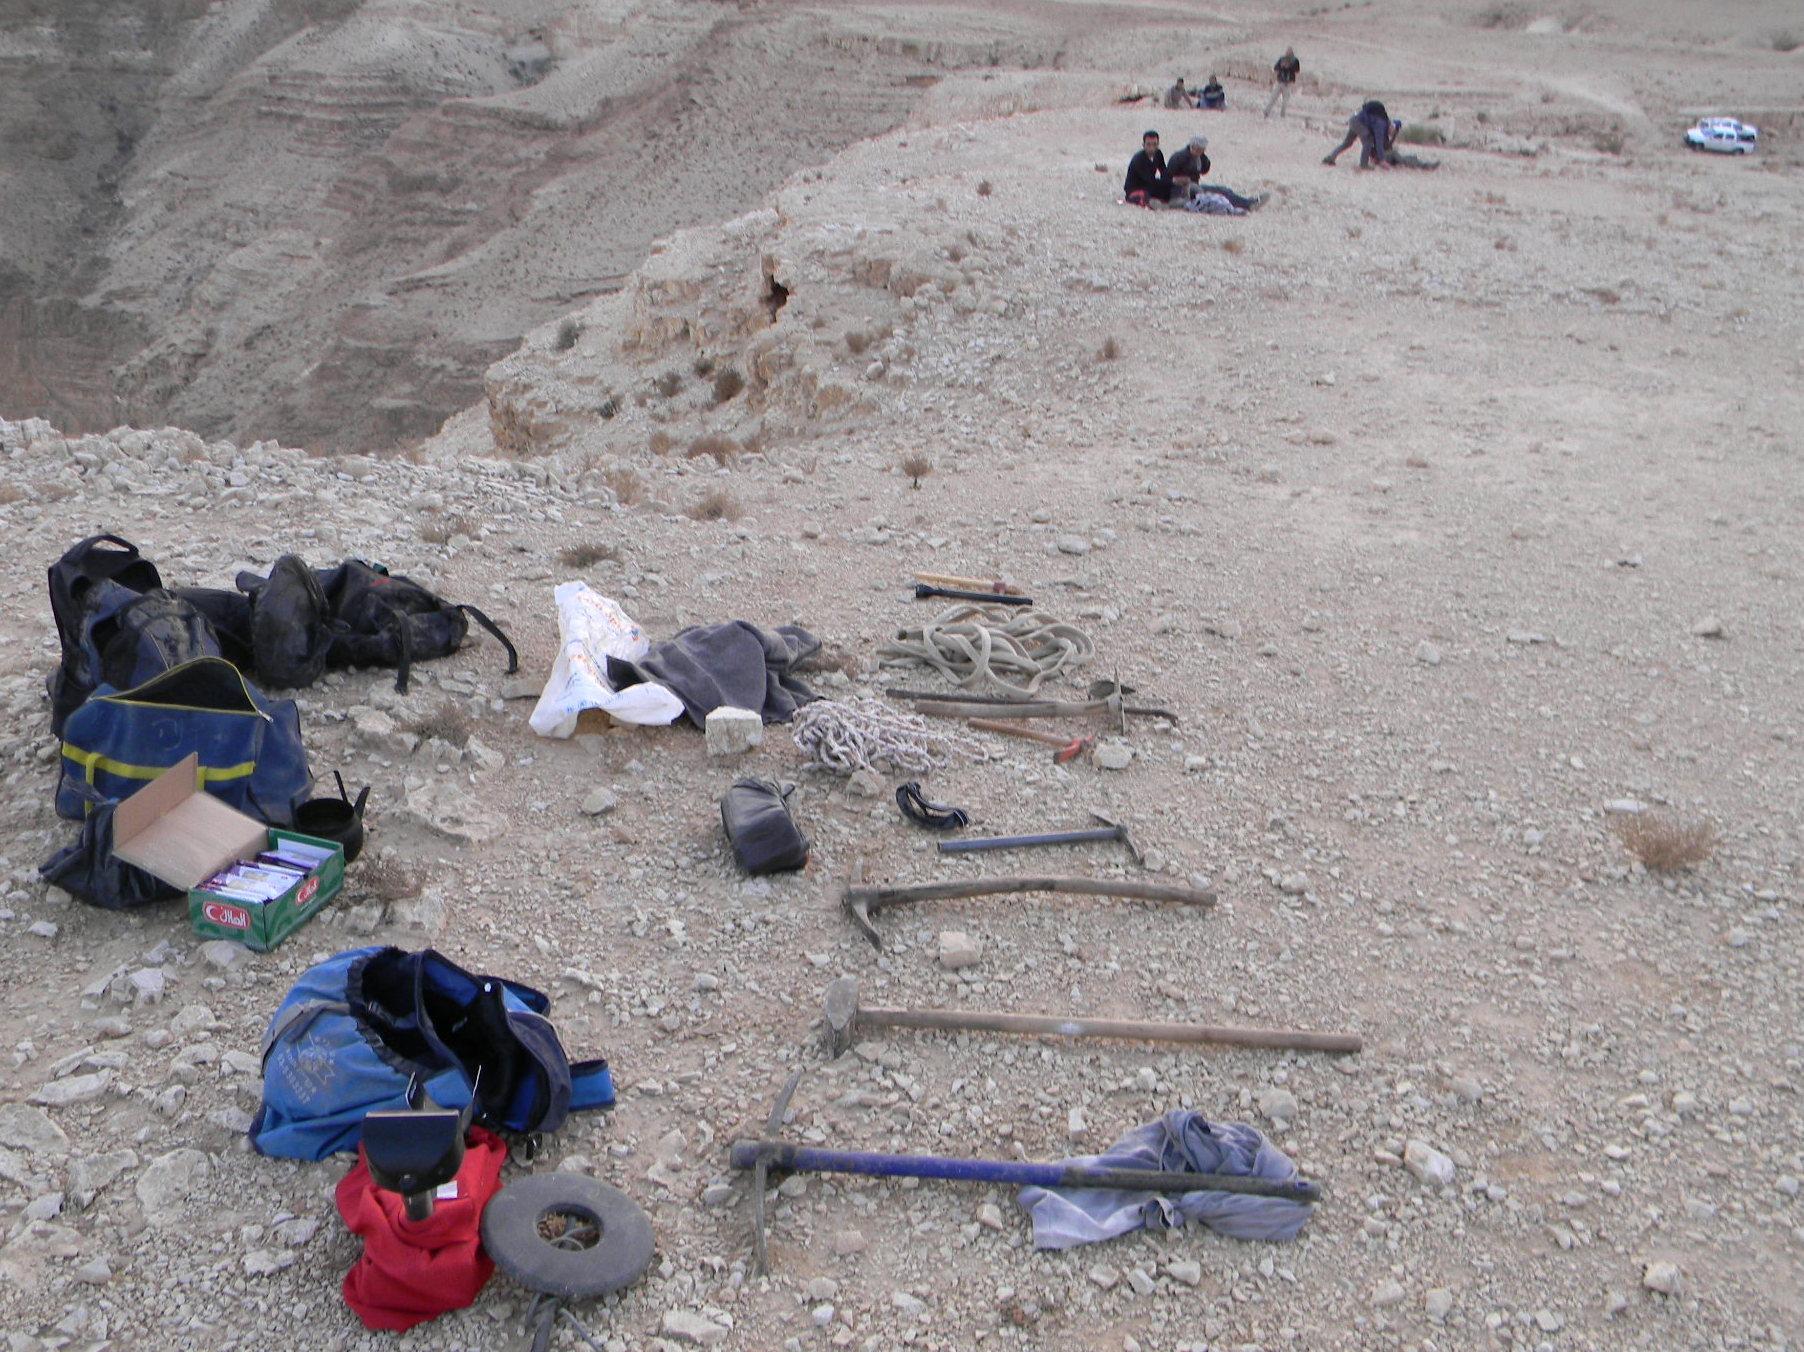 חוליית שודדי עתיקות יחד עם הציוד בו השתמשה במדבר יהודה. צילום: היחידה למניעת שוד